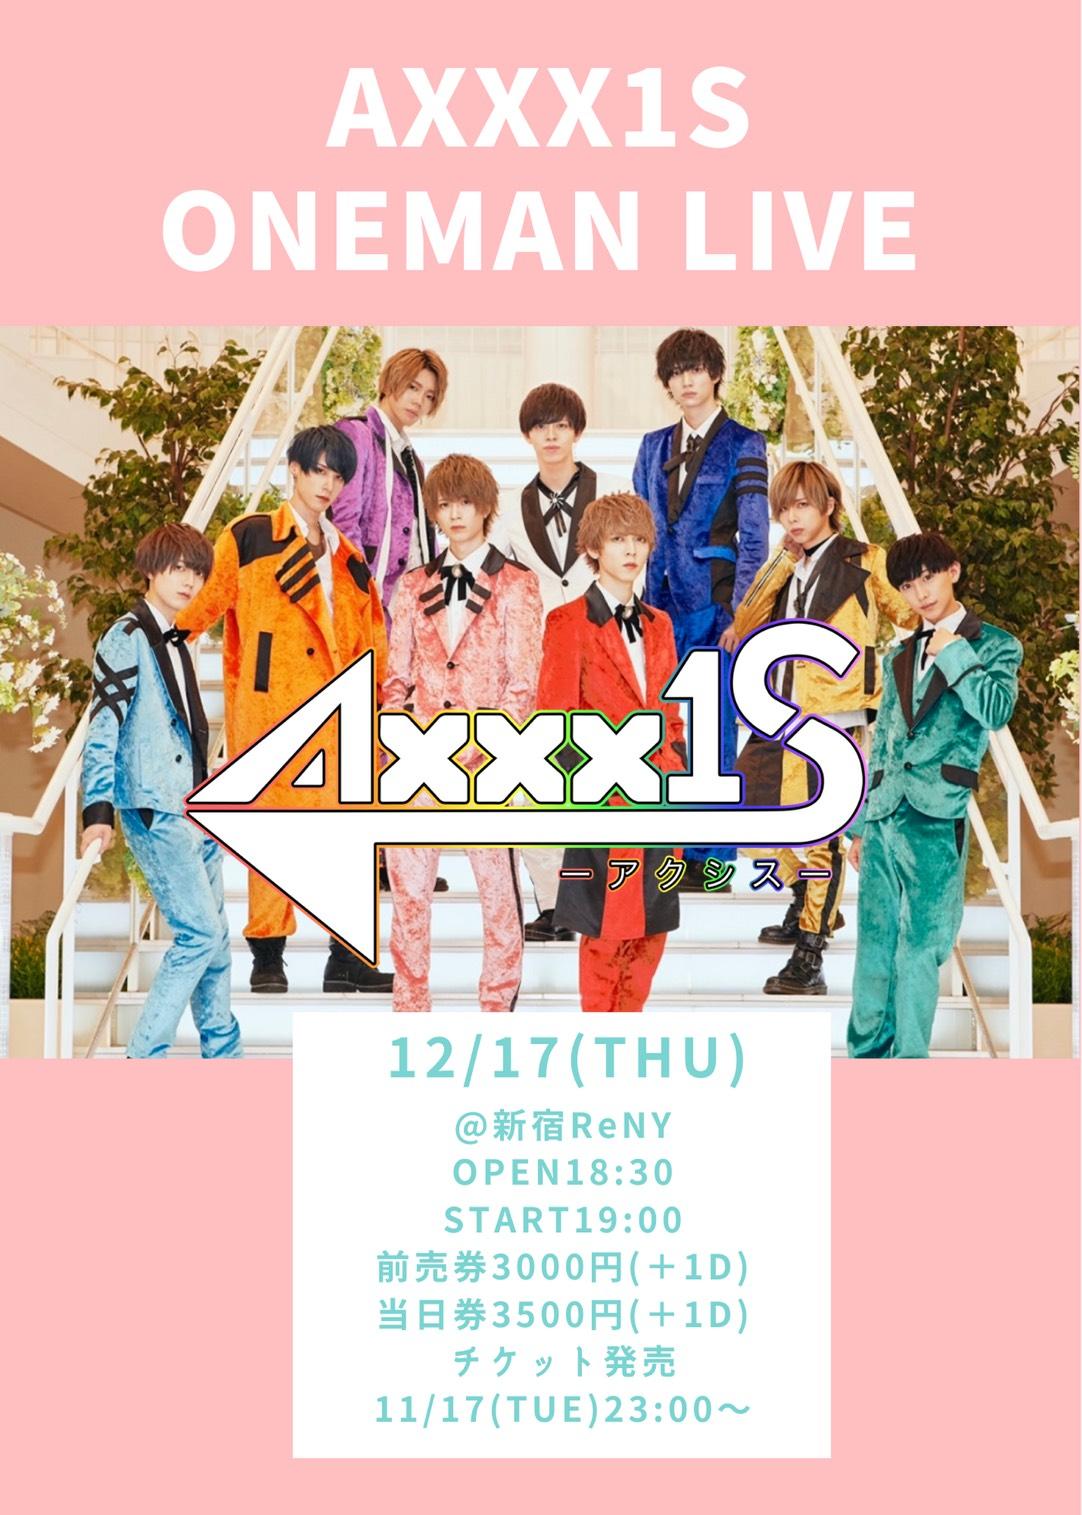 AXXX1S ONEMAN LIVE @新宿ReNY